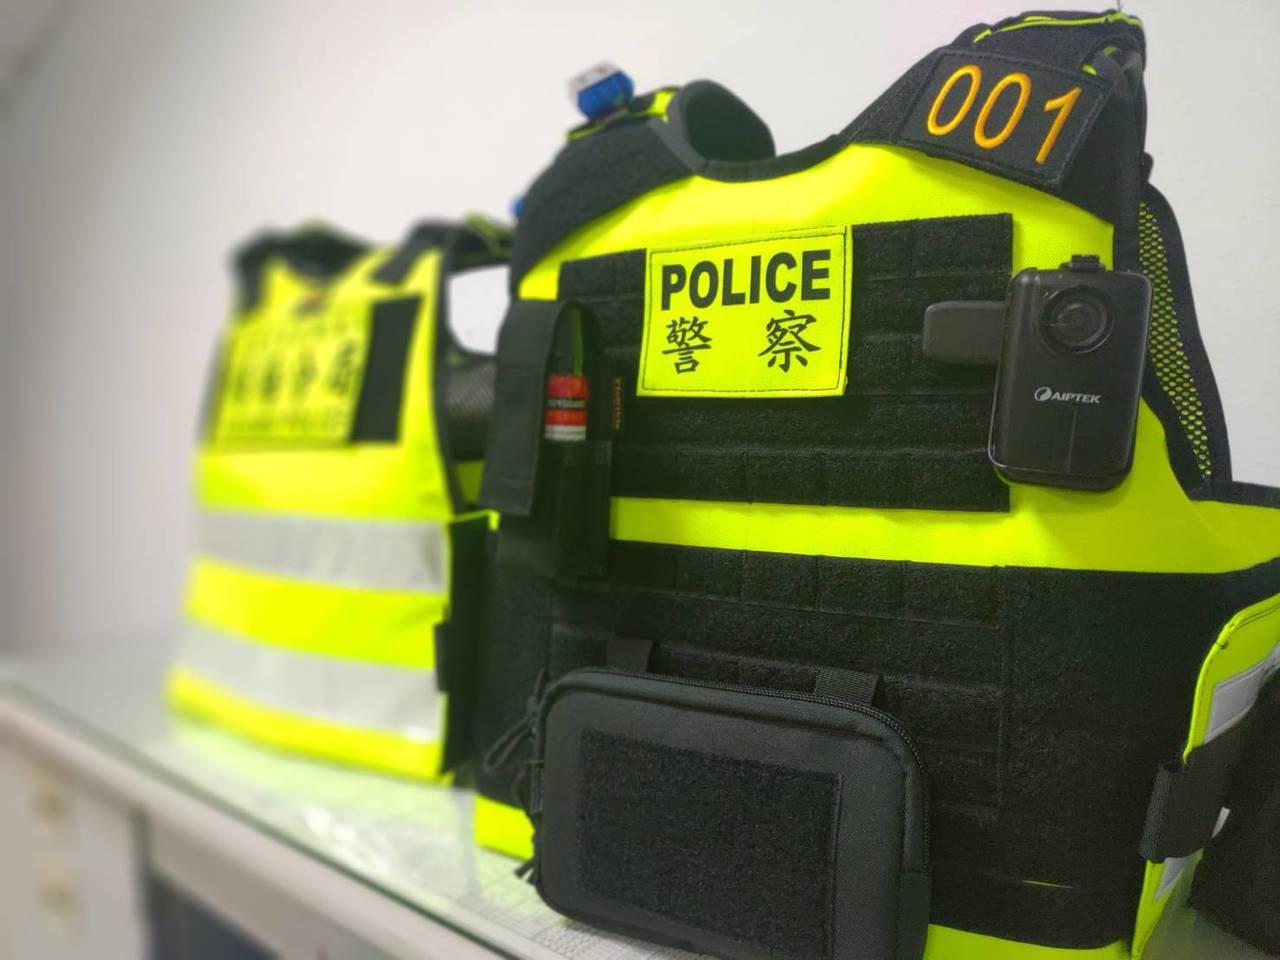 新型警用戰術背心可內置警用防彈背心、警用無線電袋、小罐辣椒水攜行袋、手機袋、密錄...